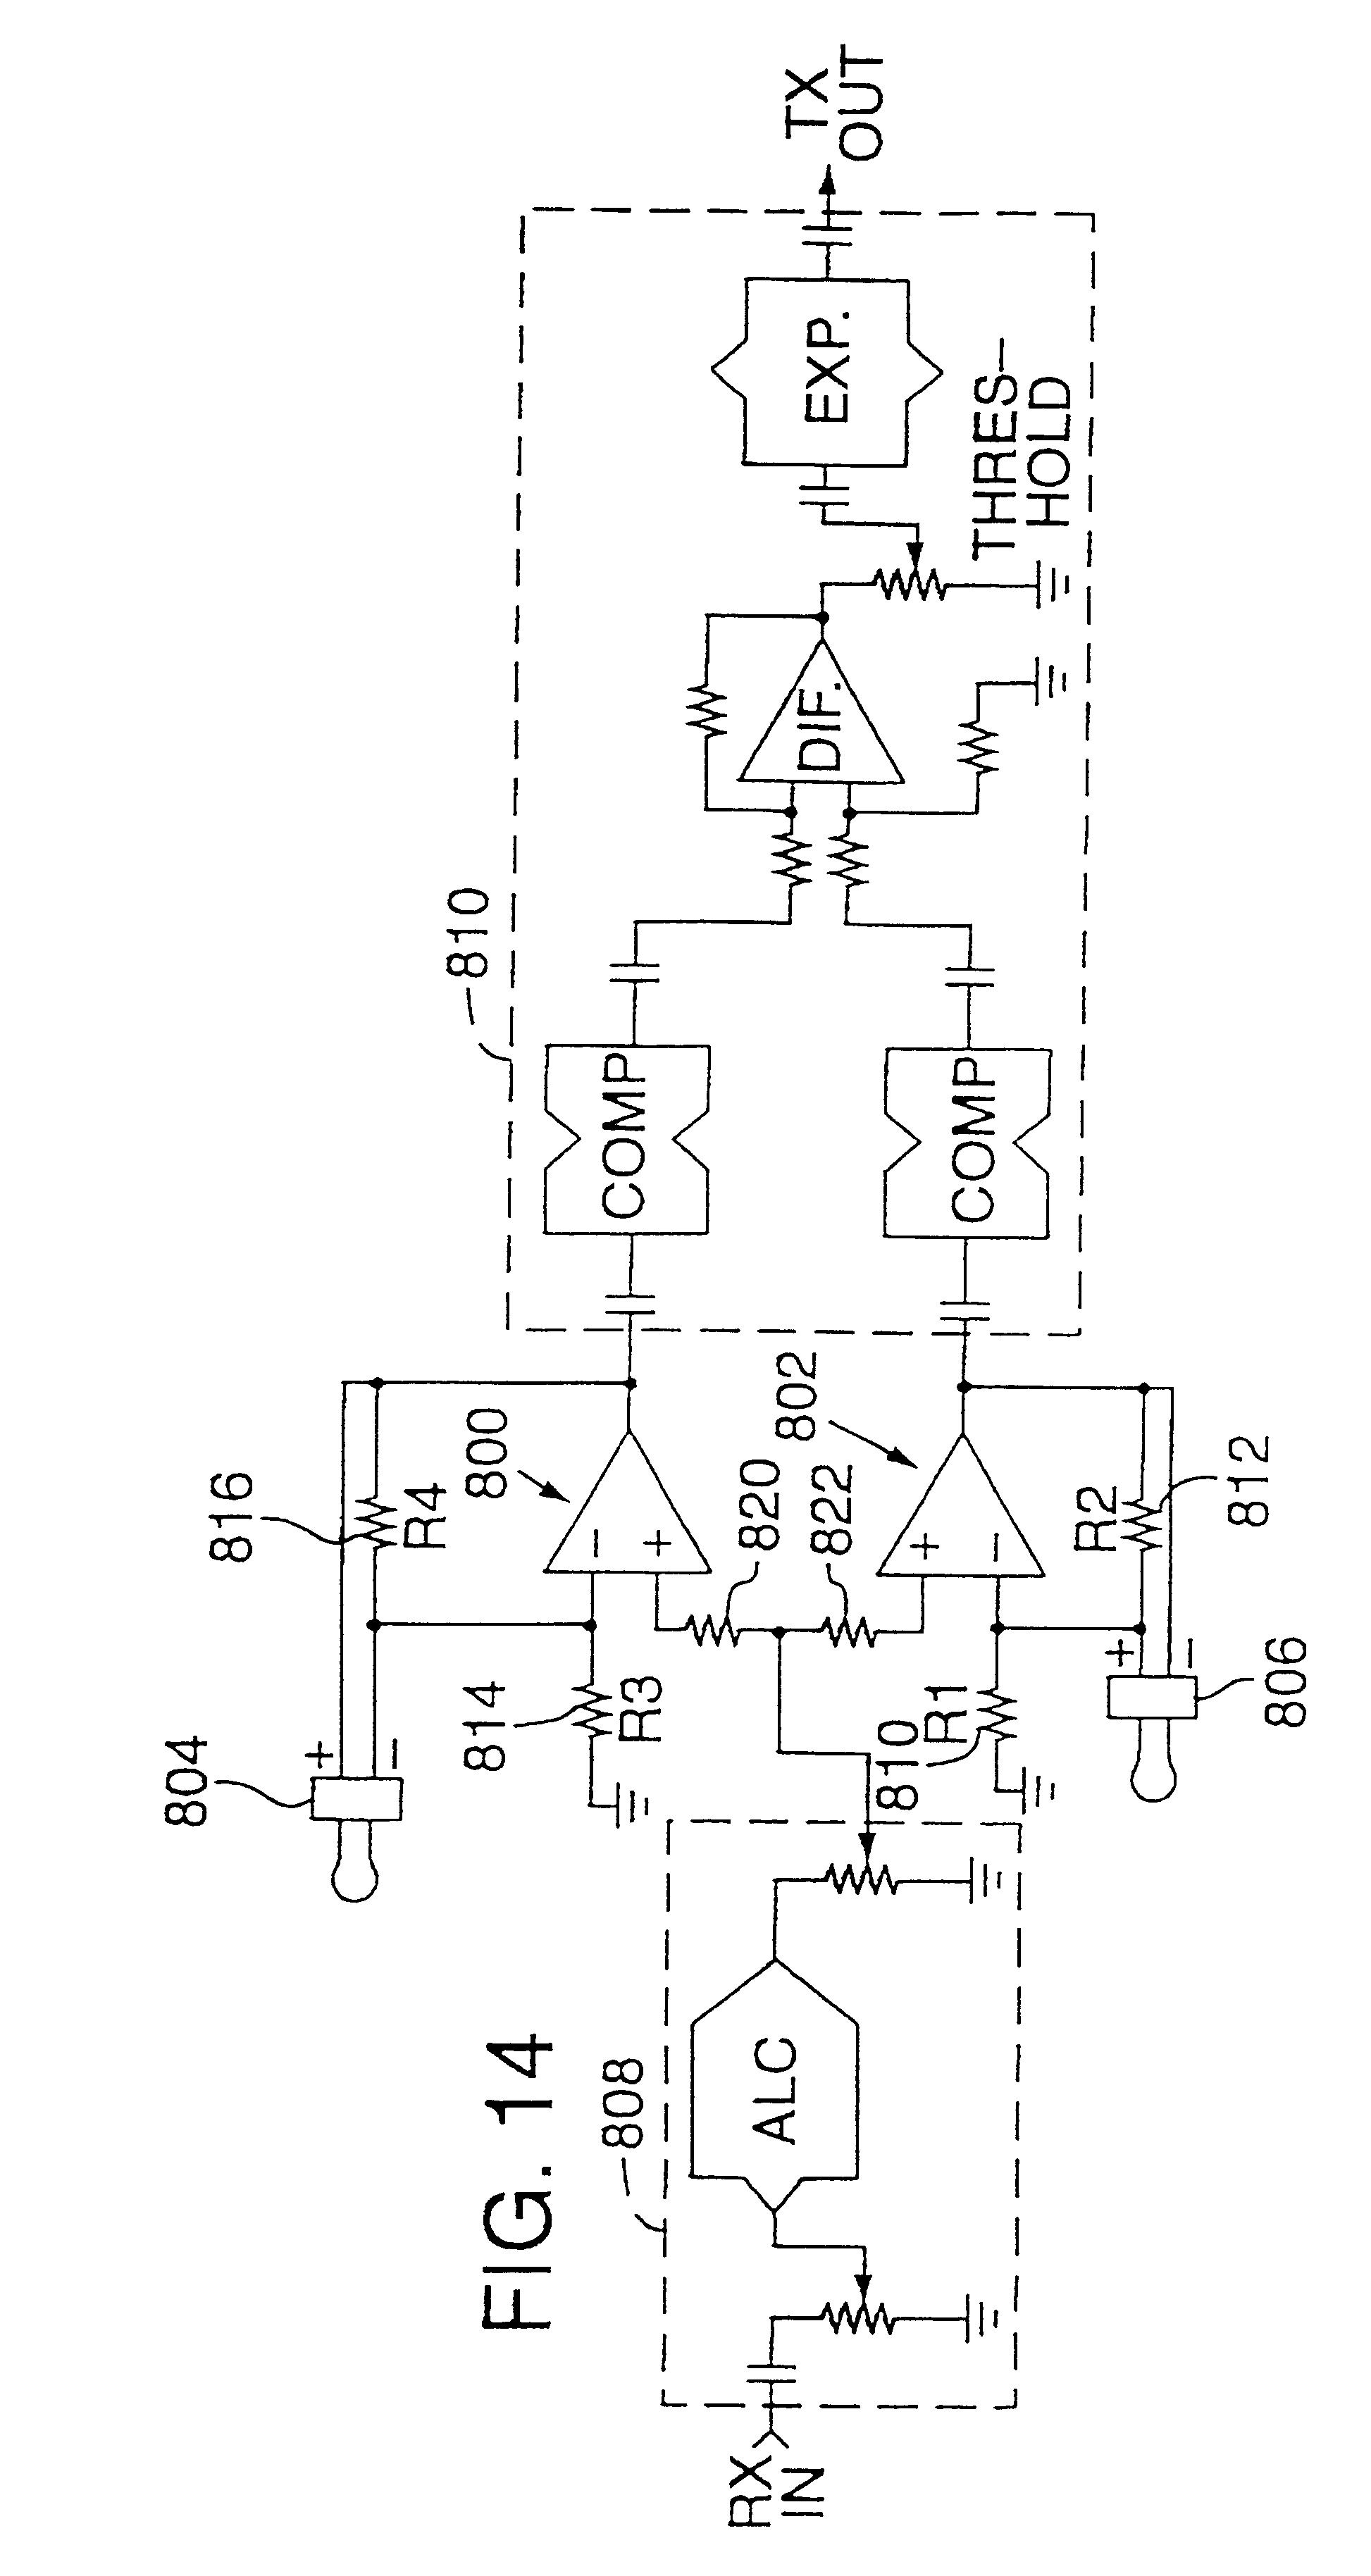 patent us6370245